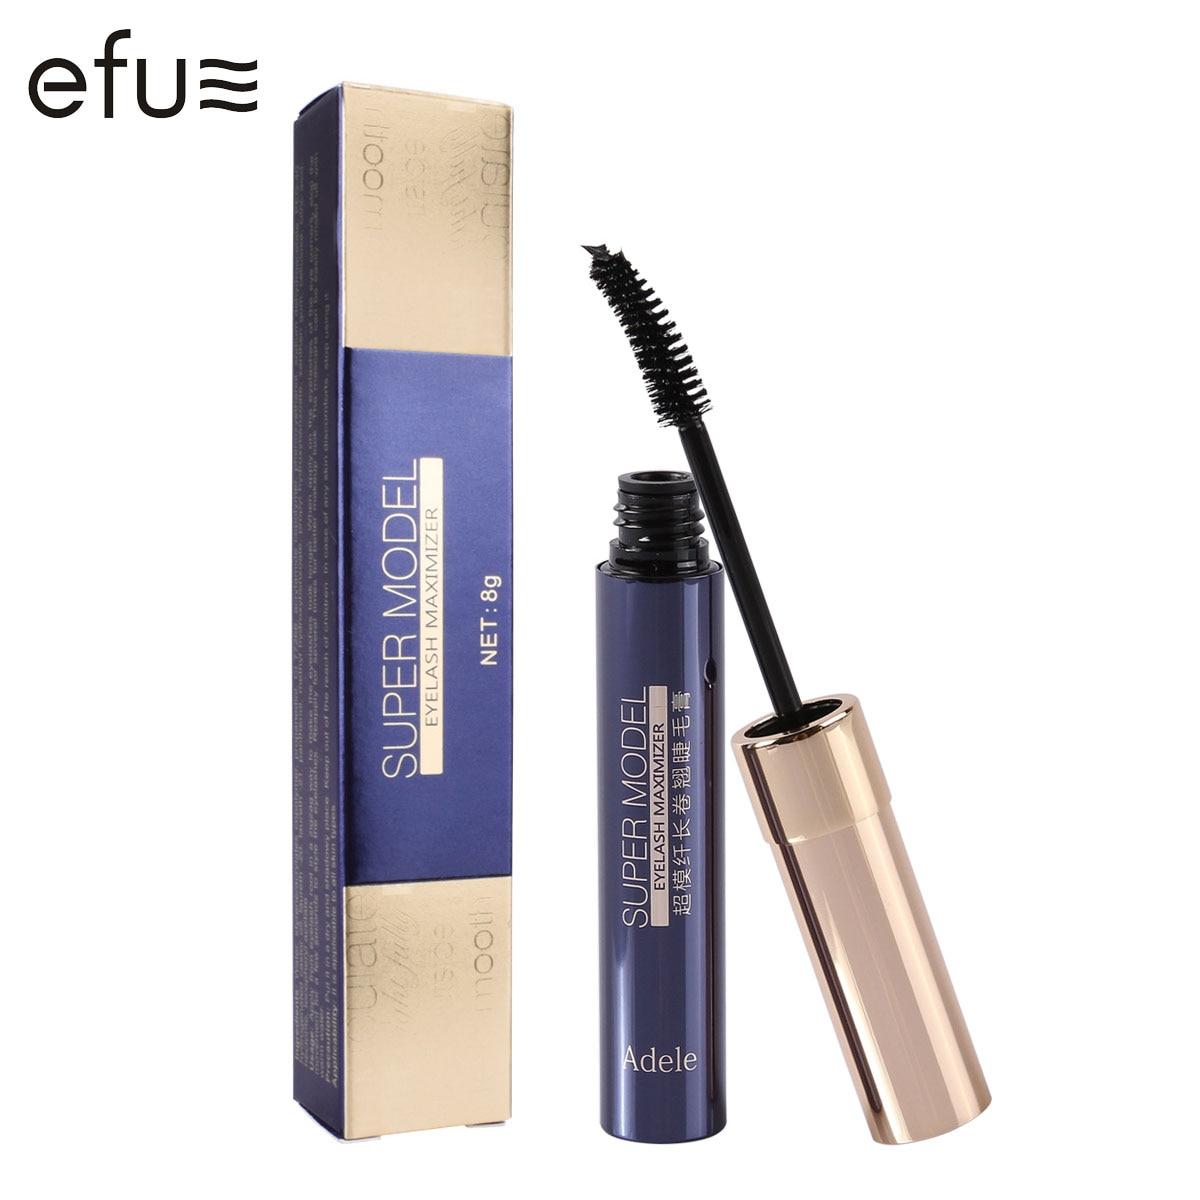 [ Buy 3 Get 1 Gift ] 1Set=4Pcs Different Mascara Long-lasting Waterpoof Eye Makeup Sets Makeup Brand EFU #EFUZ02